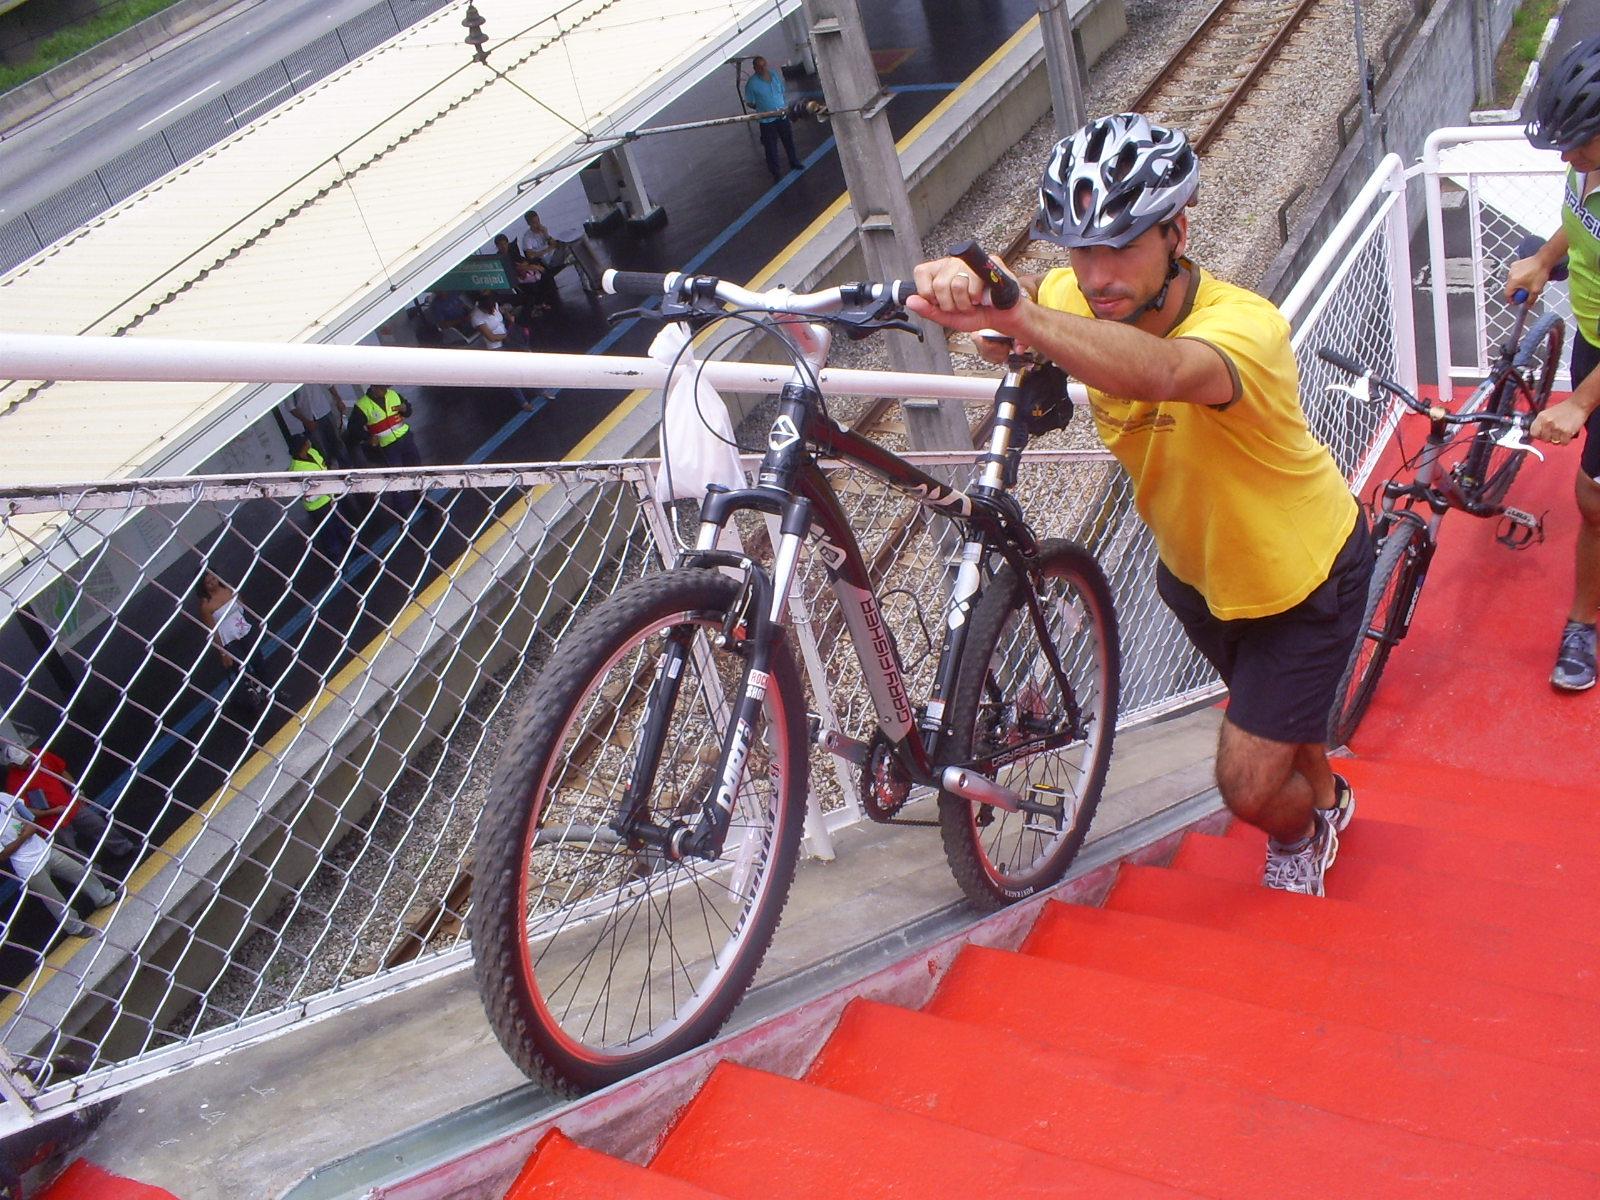 Projeto de lei quer instalação de canaletas para bicicletas em passarelas de Fortaleza